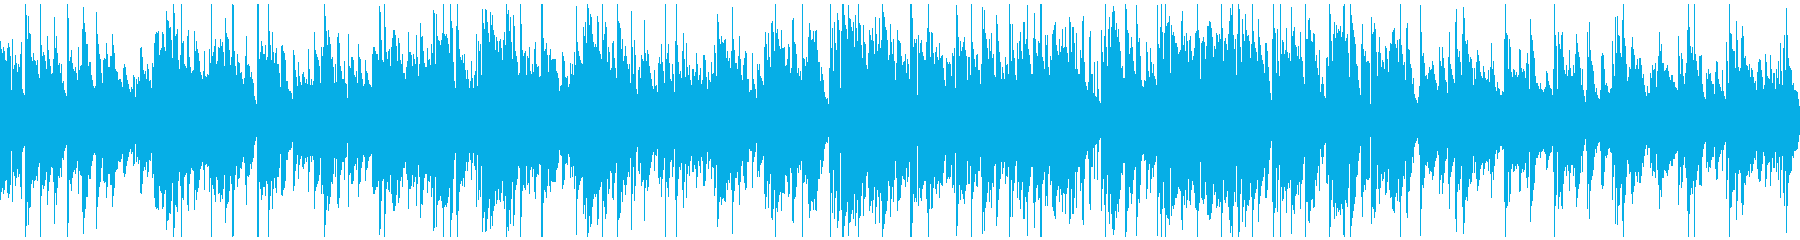 ミディアムテンポの素敵なジャズ※ループ版の再生済みの波形